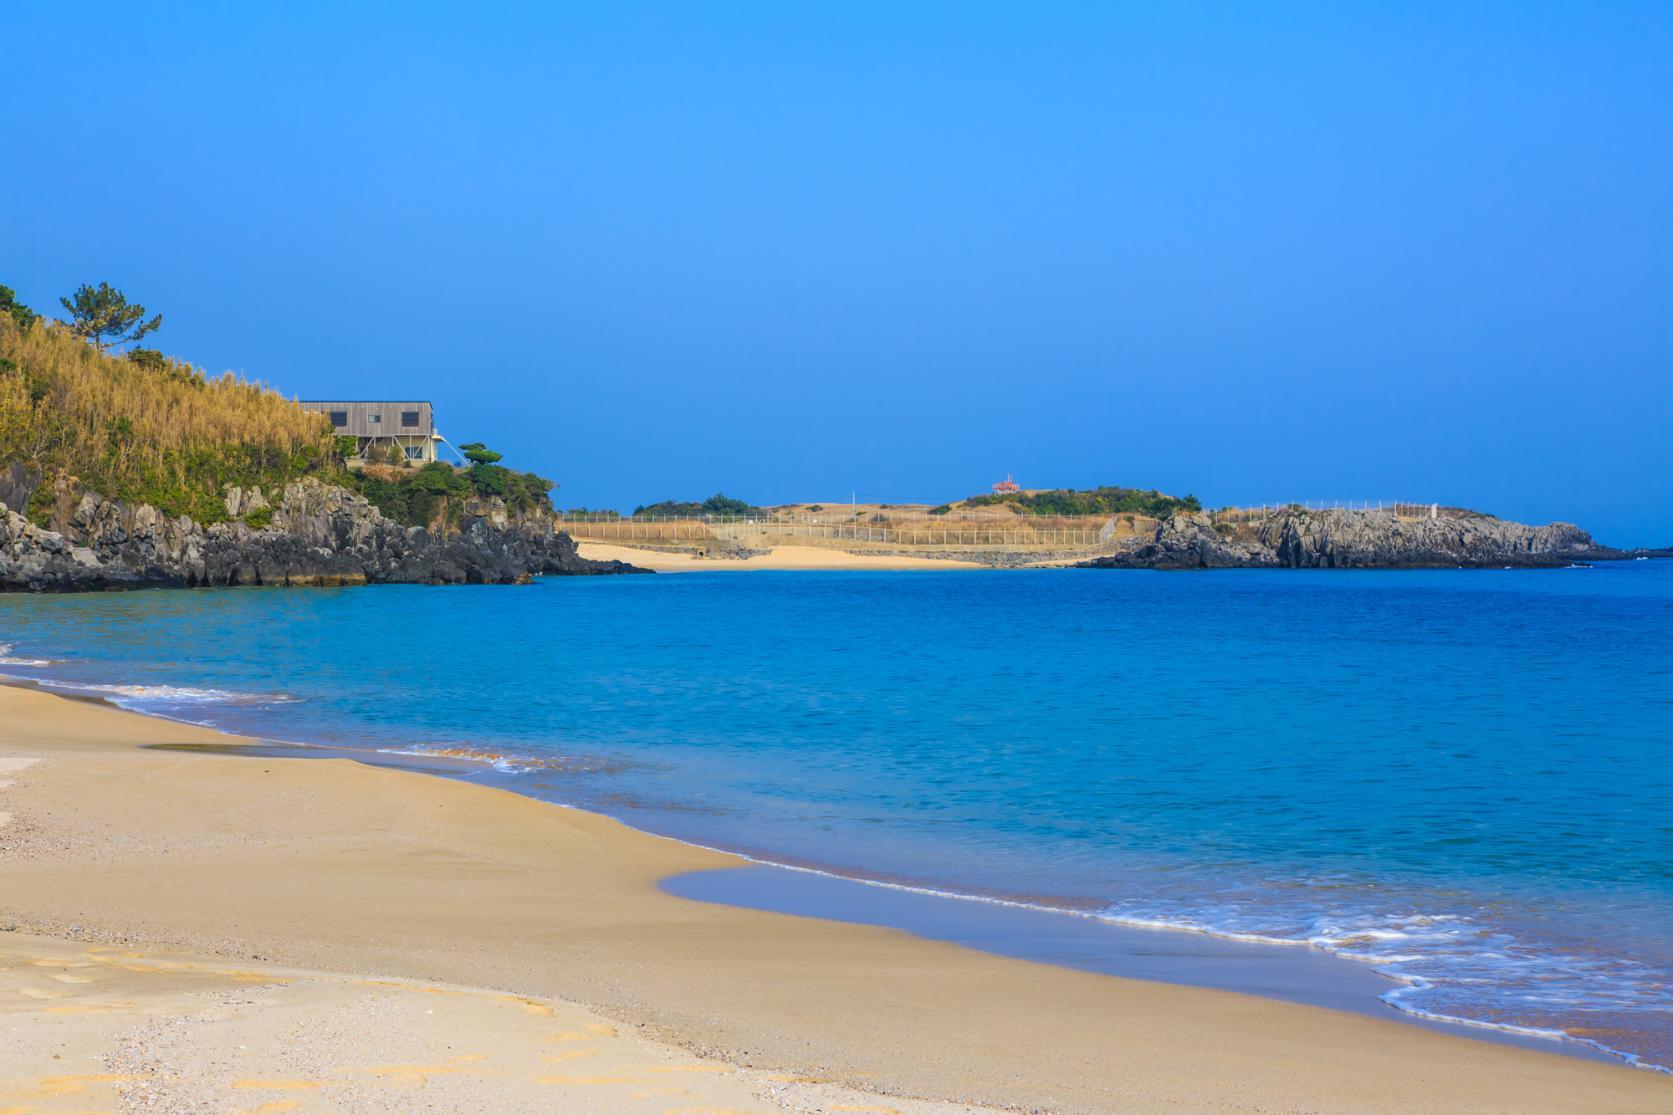 まるで玄界灘の宝石箱!広大な絶景ビーチでゆったり海水浴を-5